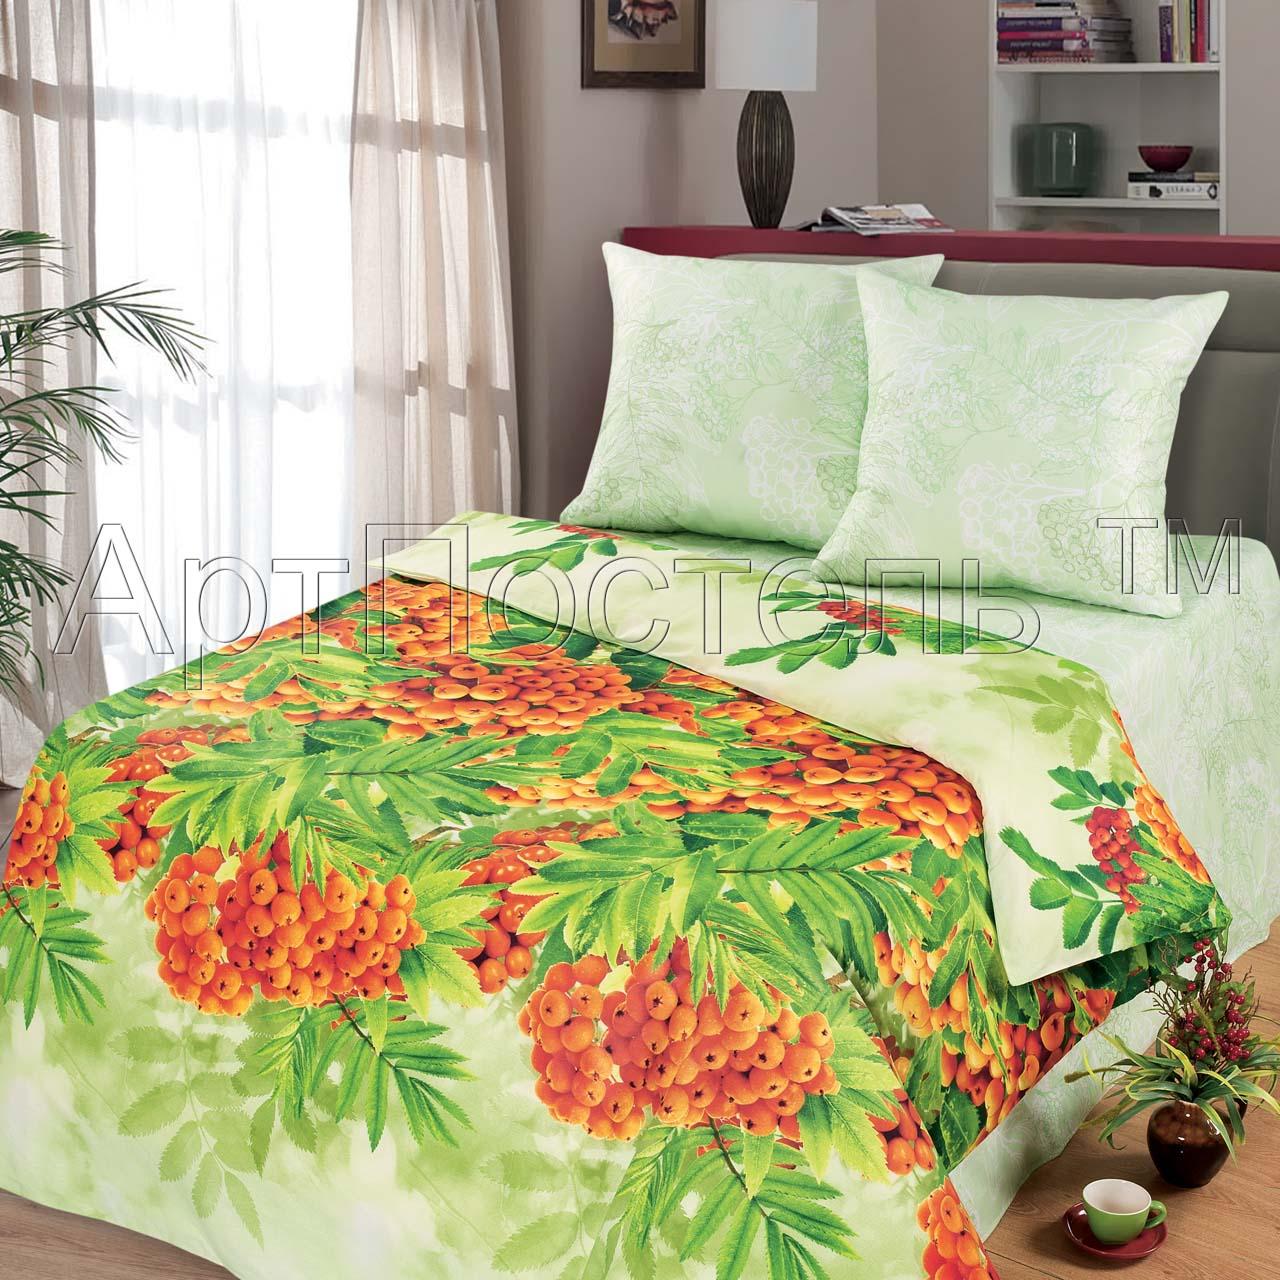 КПБ Зима-Лето  Рябинушка , размер 2,0-спальный с европростыней - Постельное белье артикул: 9021